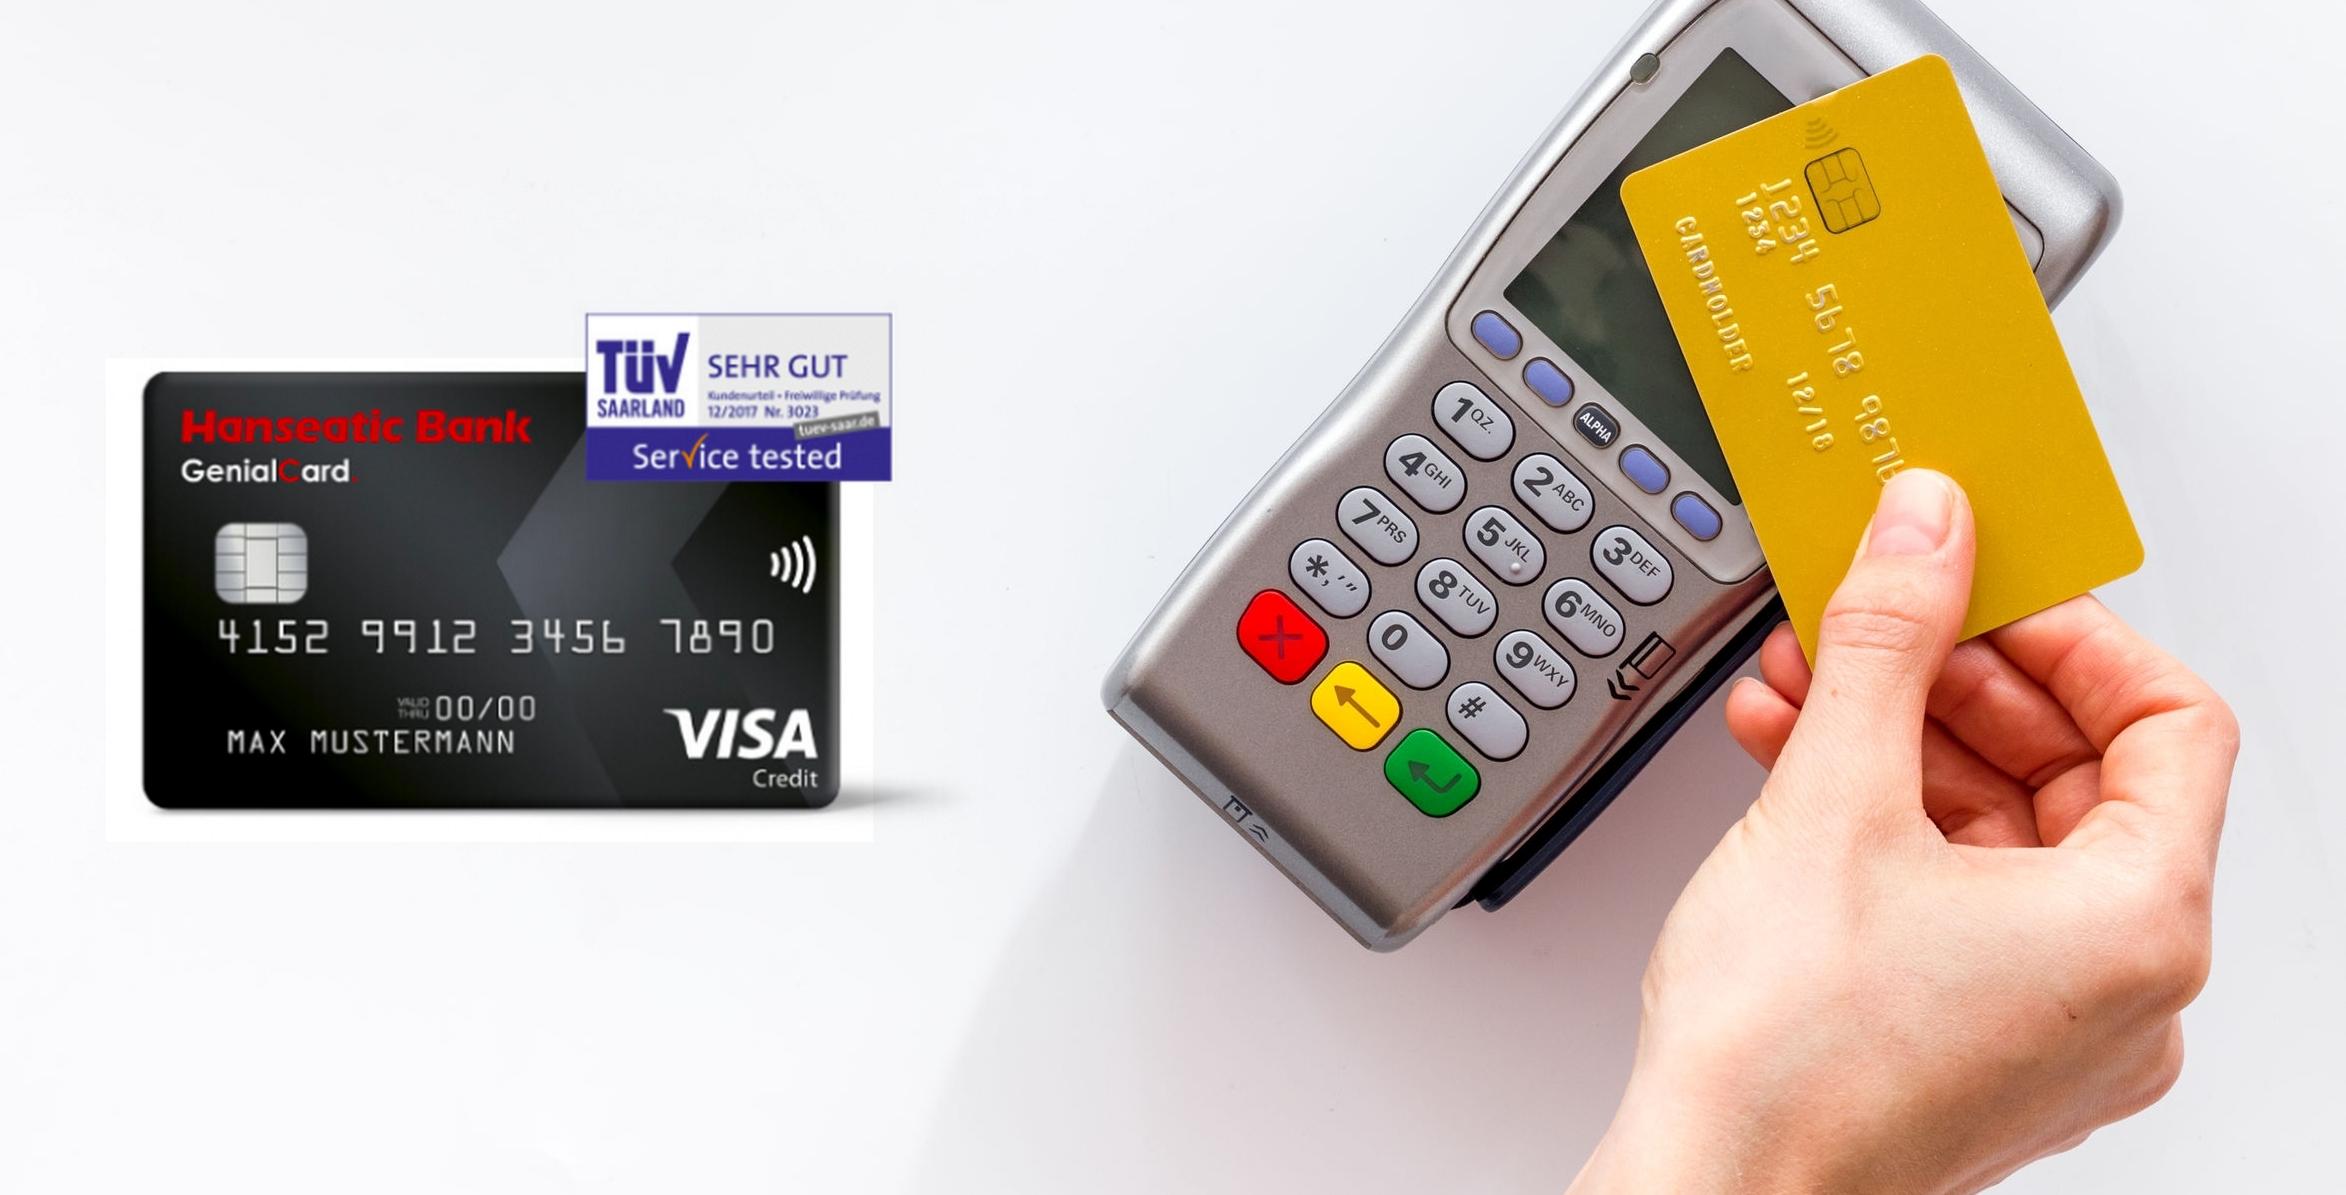 Kreditkarte ohne Jahresgebühr: Hanseatic Bank GenialCard